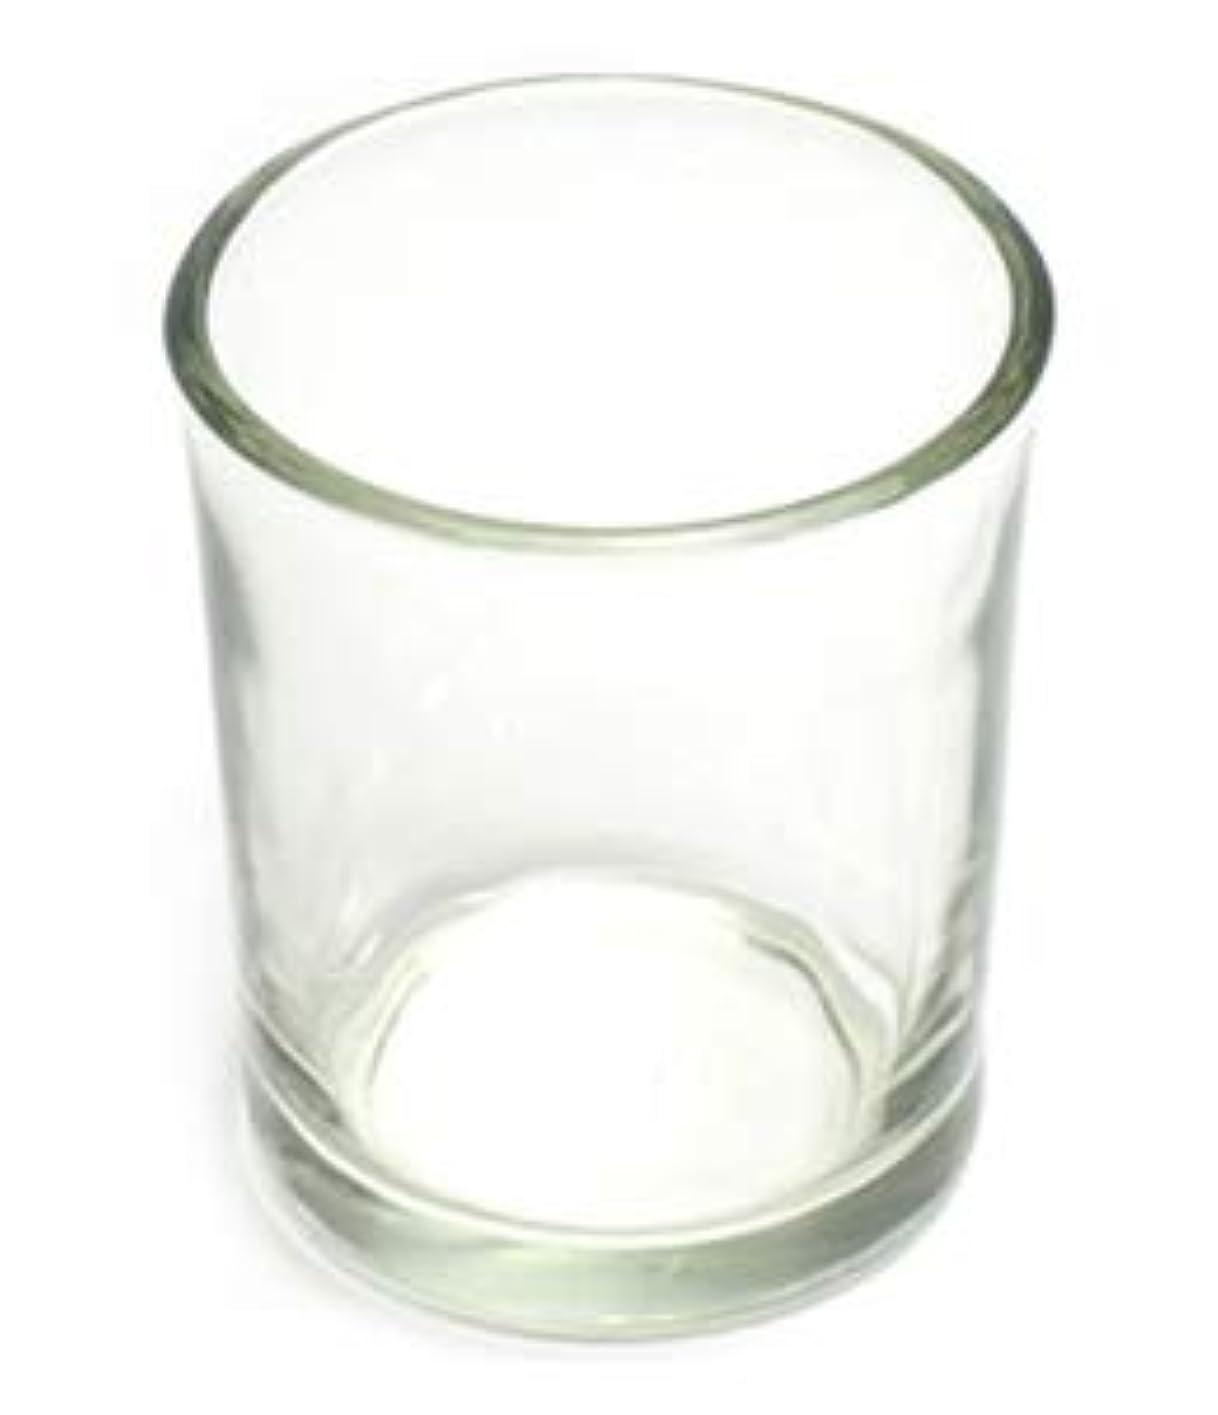 シールドデンマーク語デンマーク語キャンドルホルダー ガラス シンプル[小] 1個 キャンドルスタンド 透明 クリア おしゃれ ろうそく立て